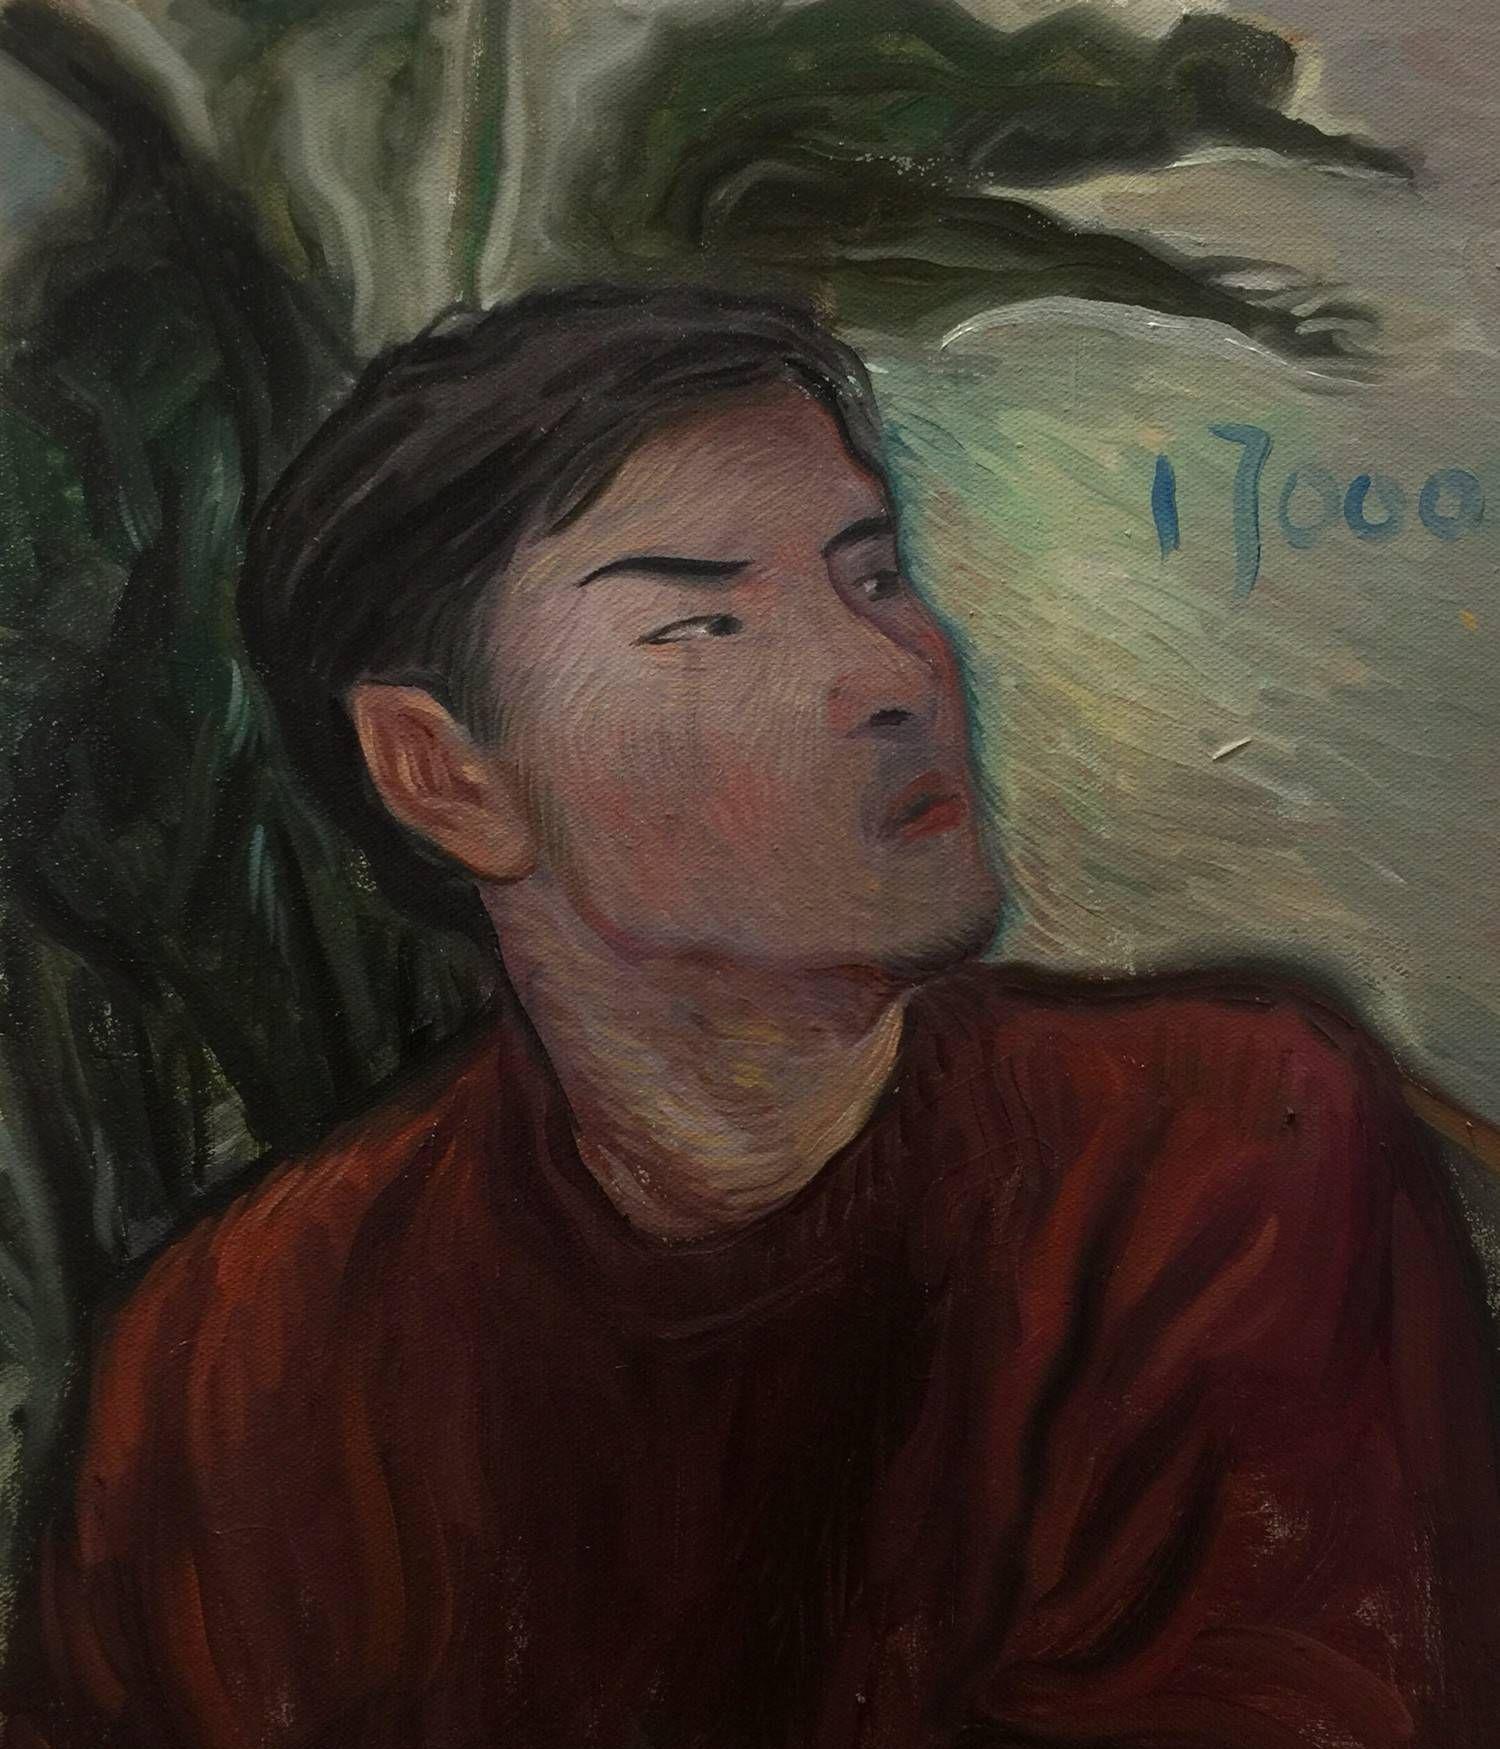 四川美术学院毕业生邢万里的创意绘画作品欣赏